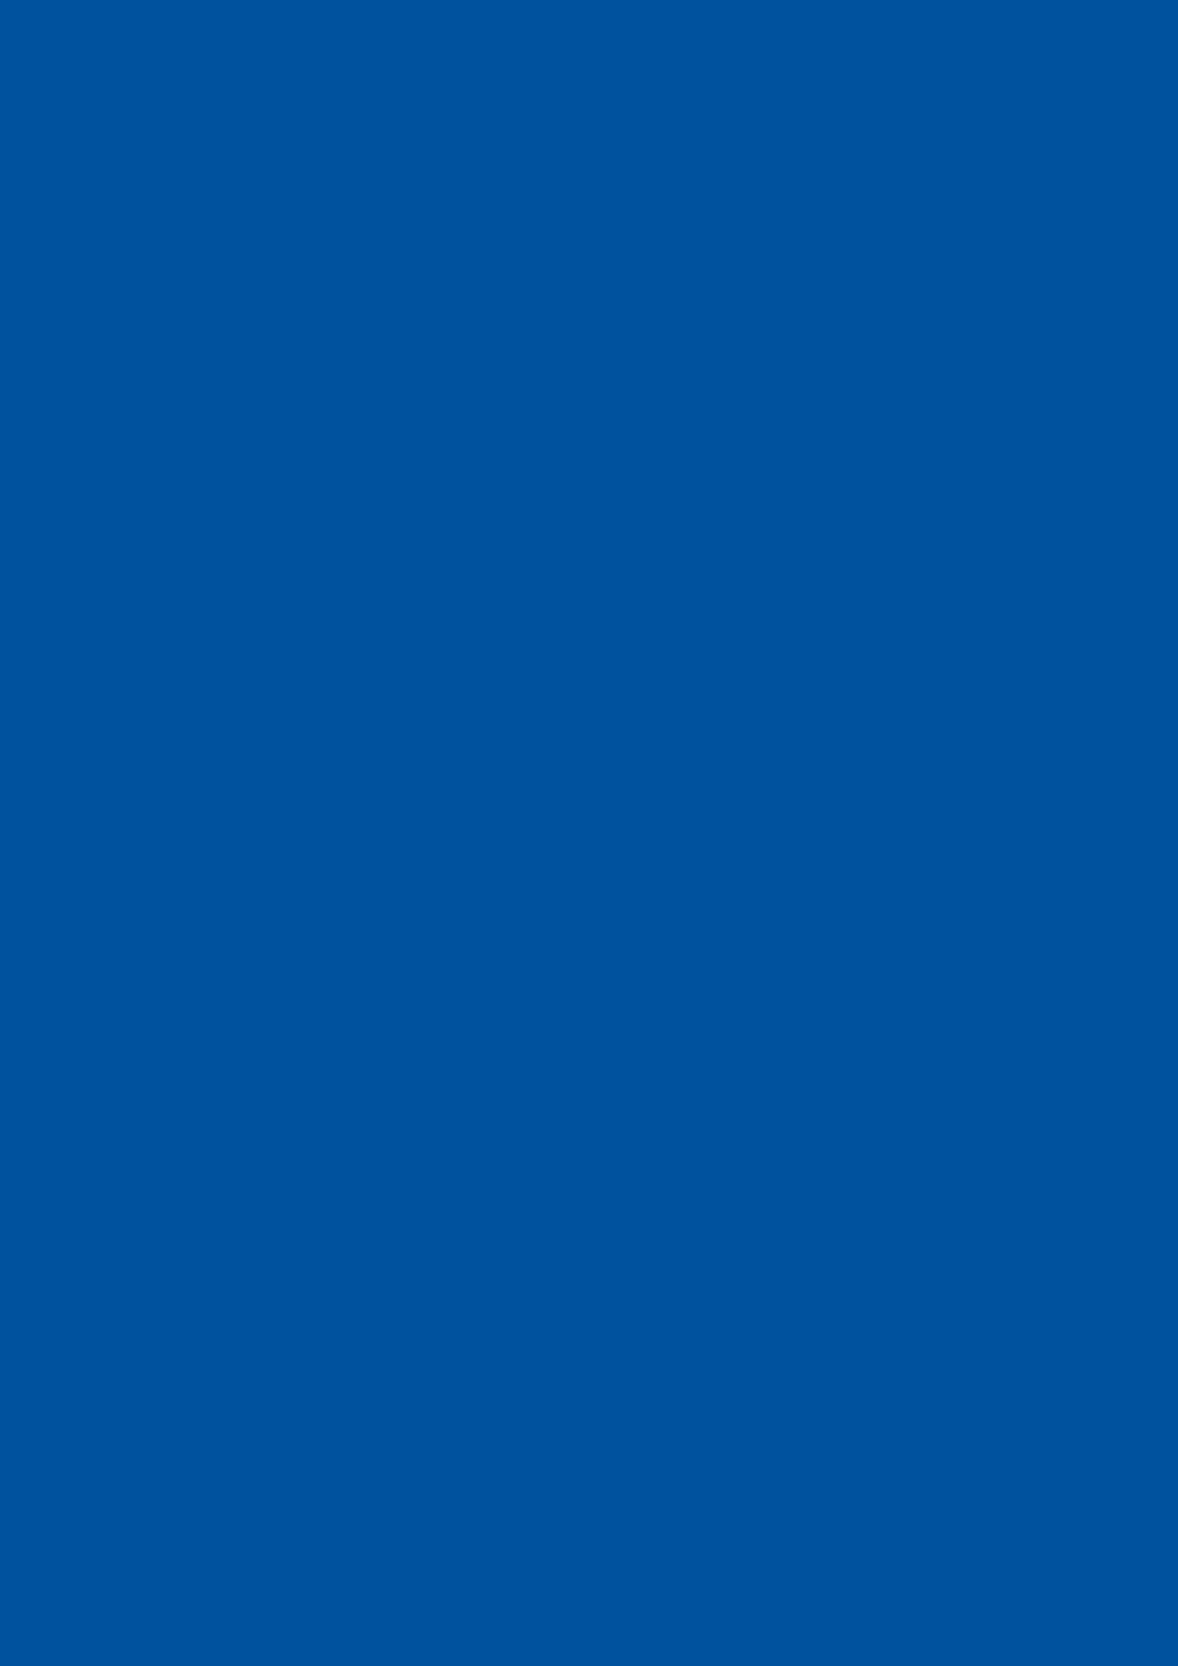 Bleu Caraibes